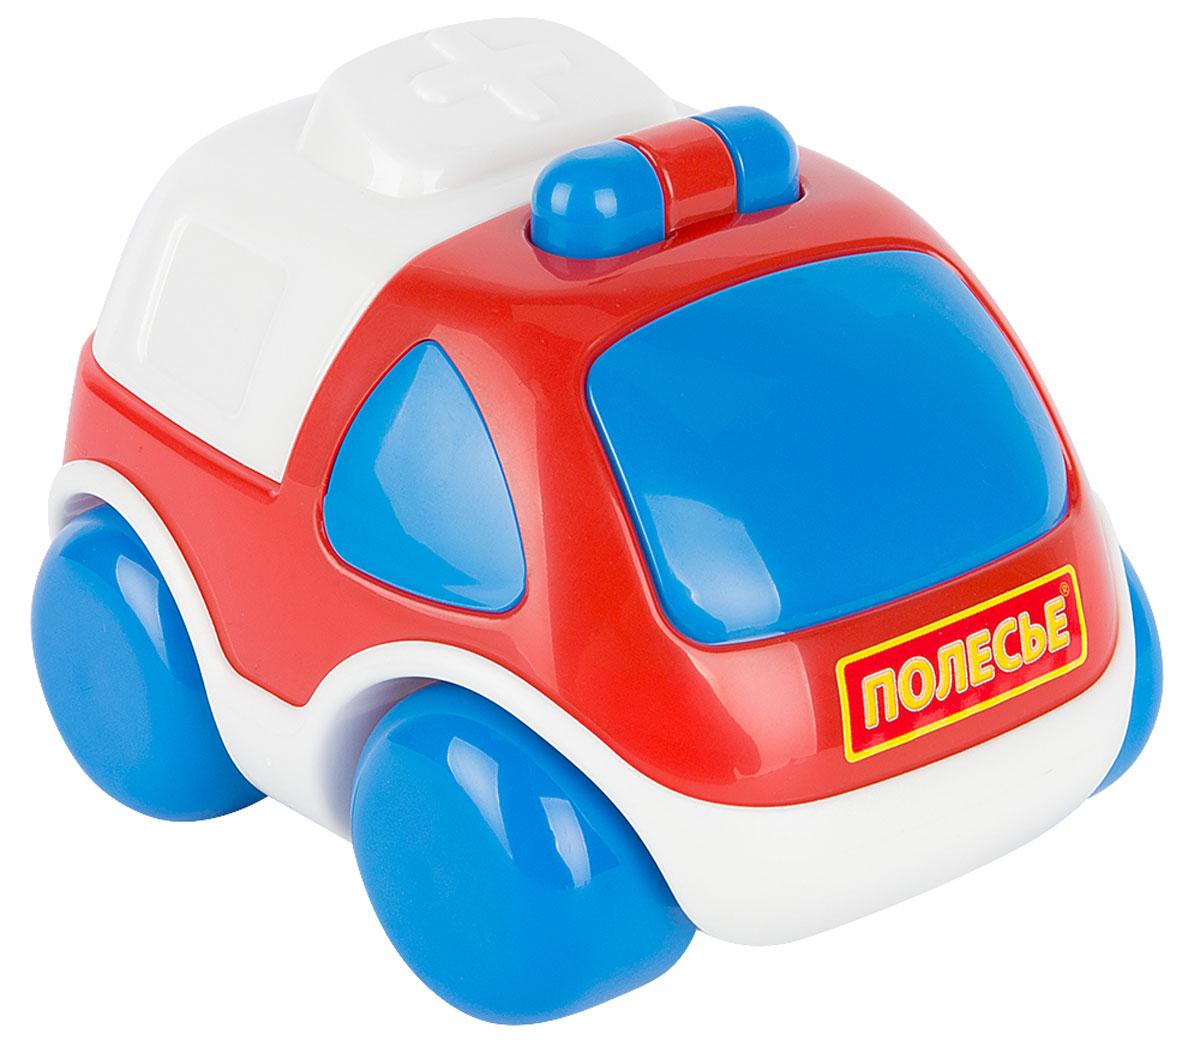 Полесье Автомобиль Карат Скорая помощь, цвет в ассортименте автомобиль пластмастер малютка зефирки цвет в ассортименте 31172